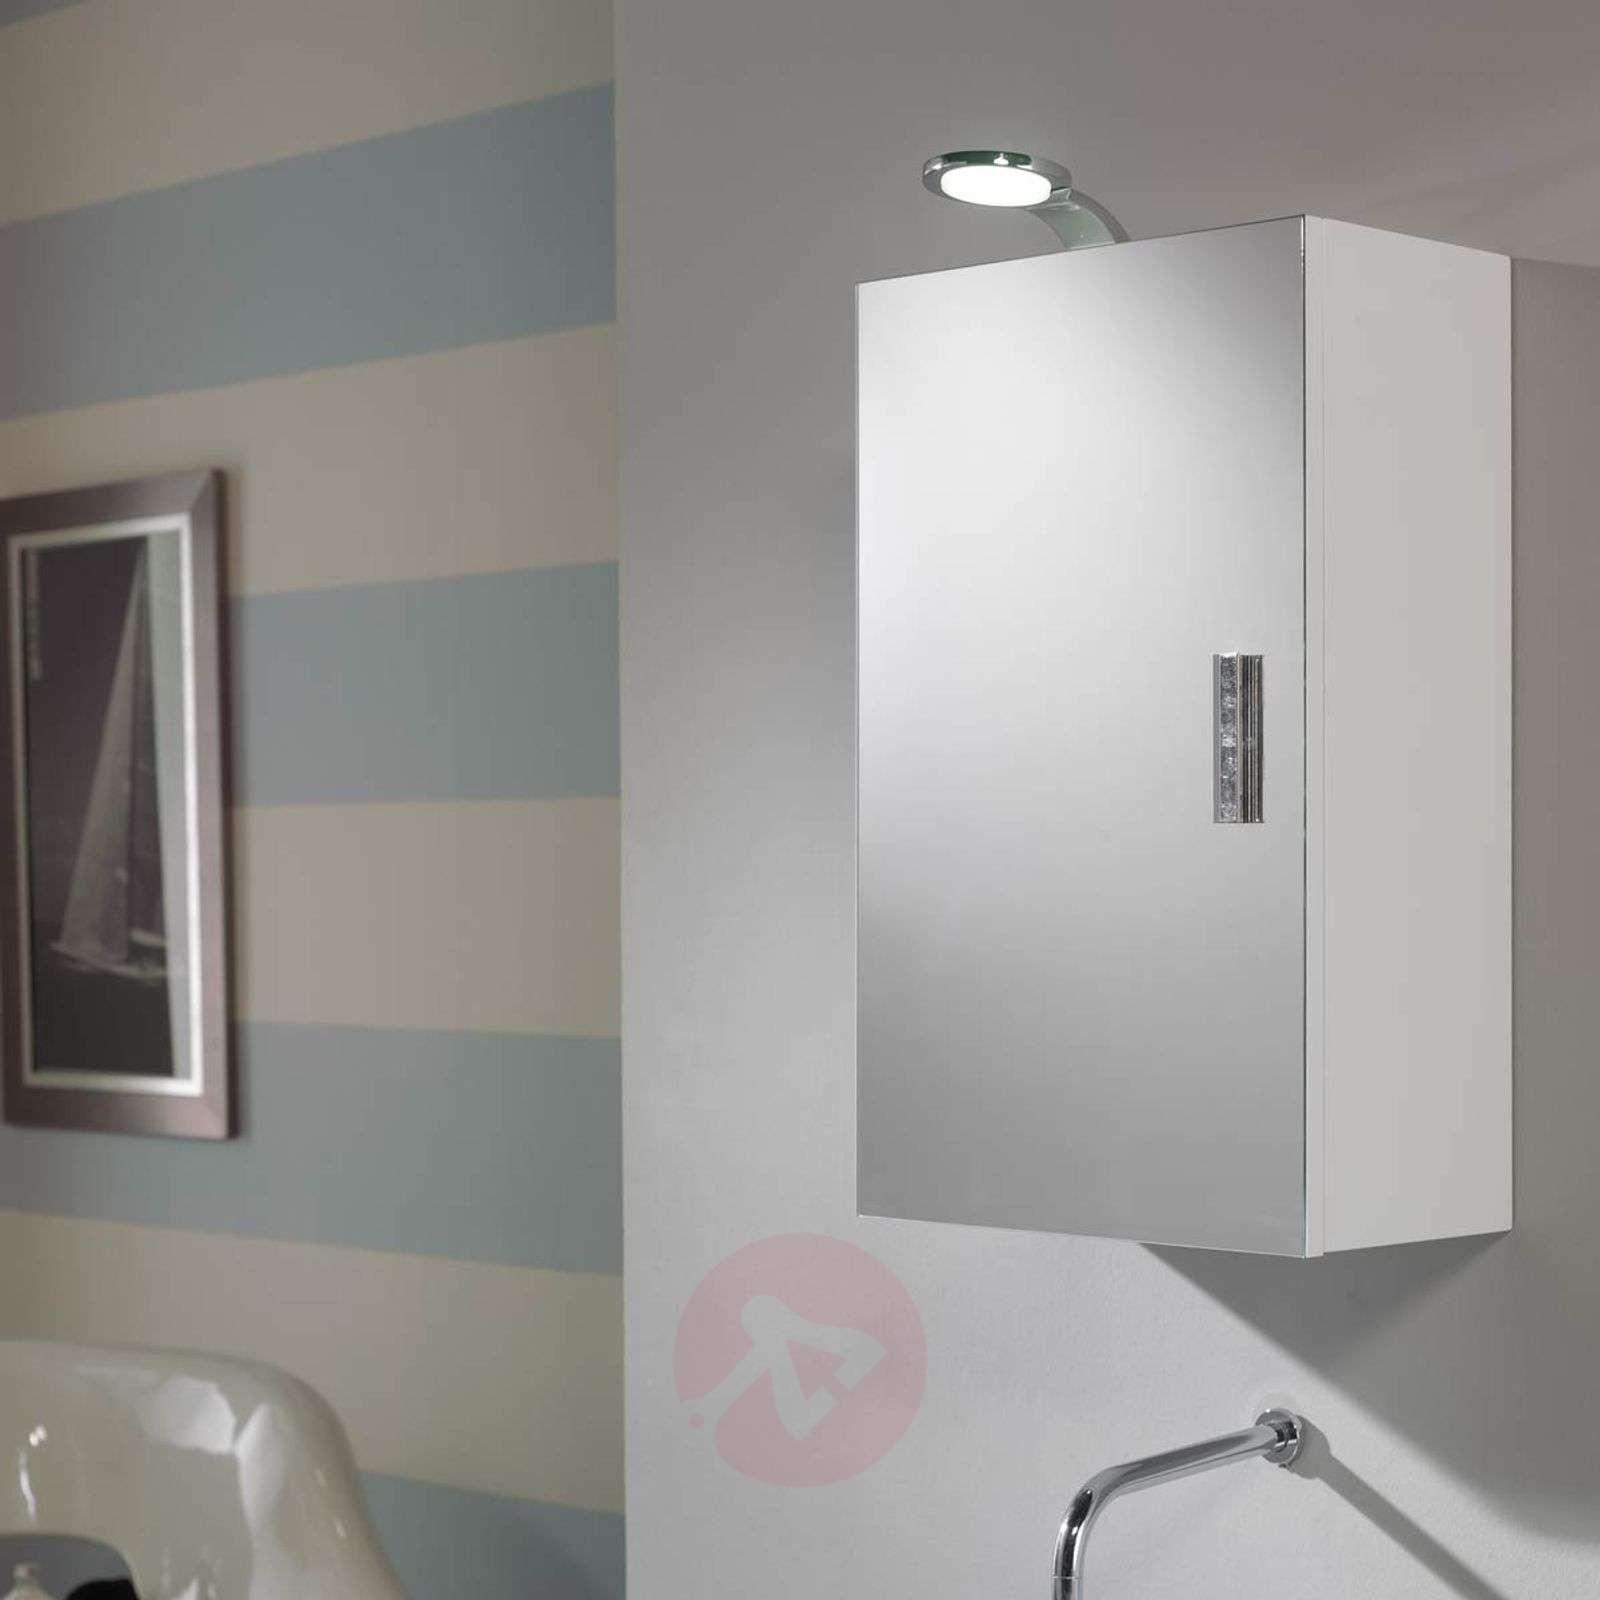 Sara S2 – kylpyhuoneen LED-peilivalo, monisovitin-3052035-01